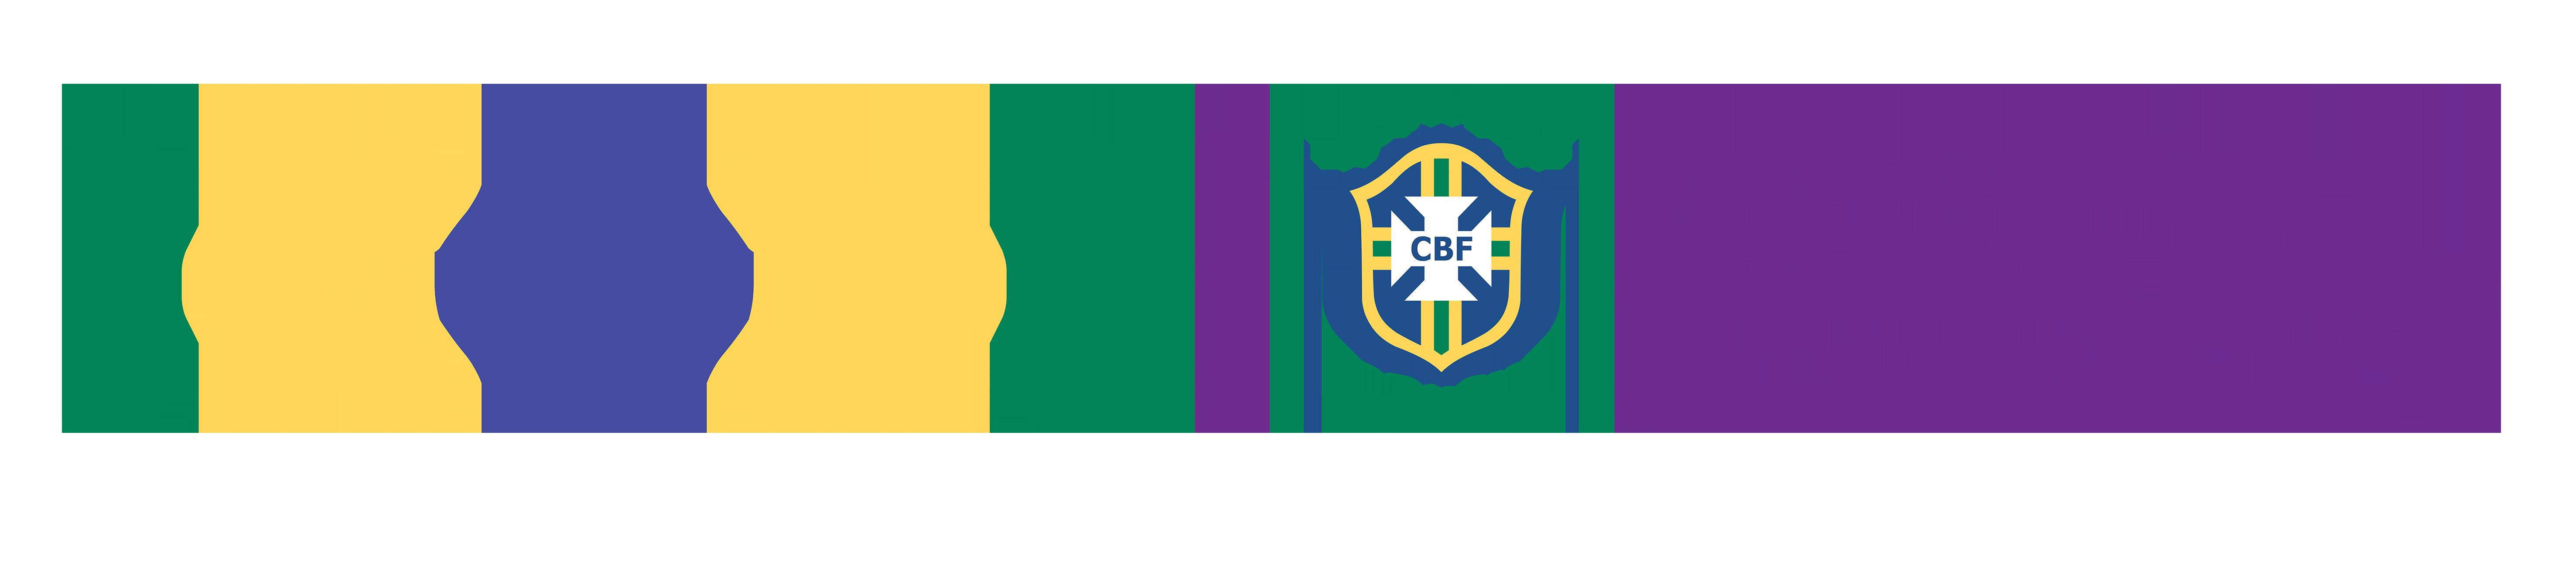 Vivo. Patrocinadora Oficial da Seleção dos Brasileiros.